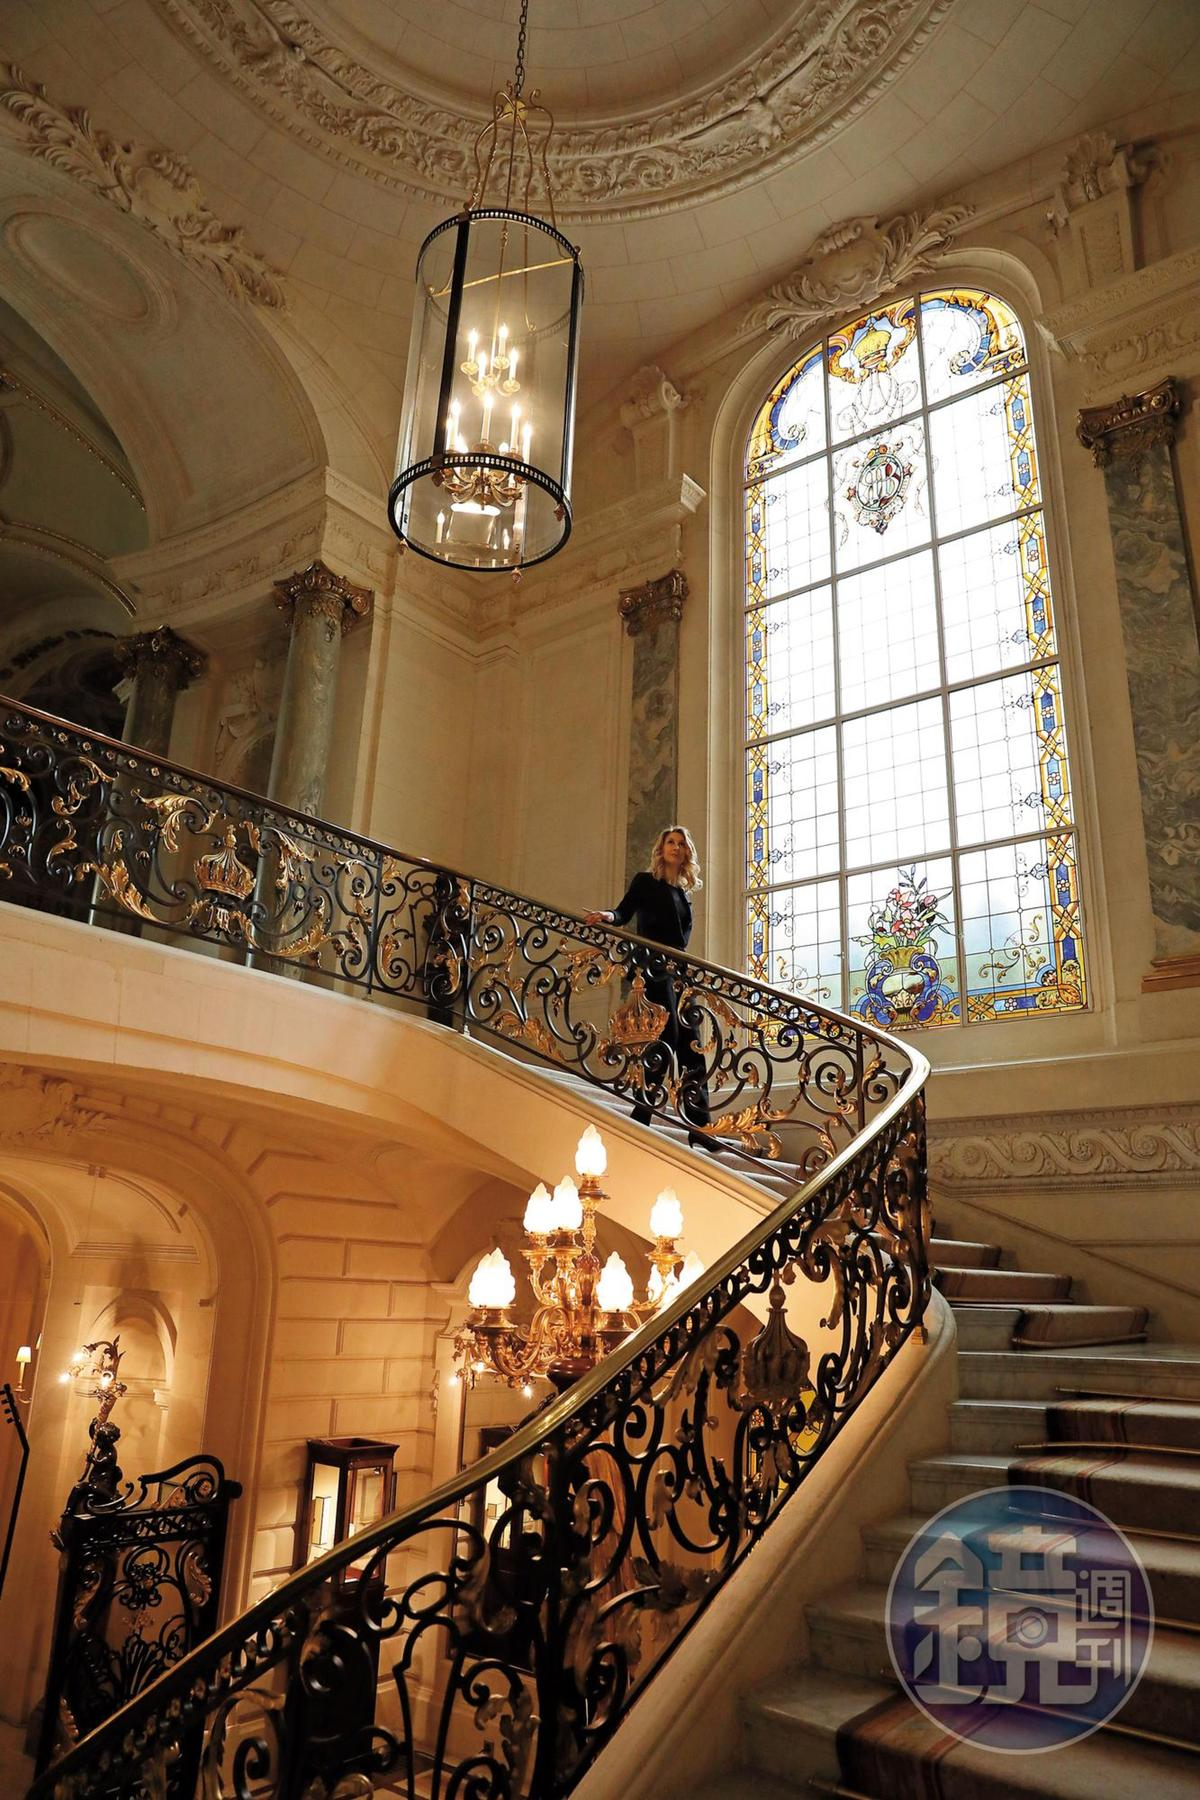 這座以鑲金皇冠為裝飾的迴旋梯,是巴黎香格里拉最經典的角落。